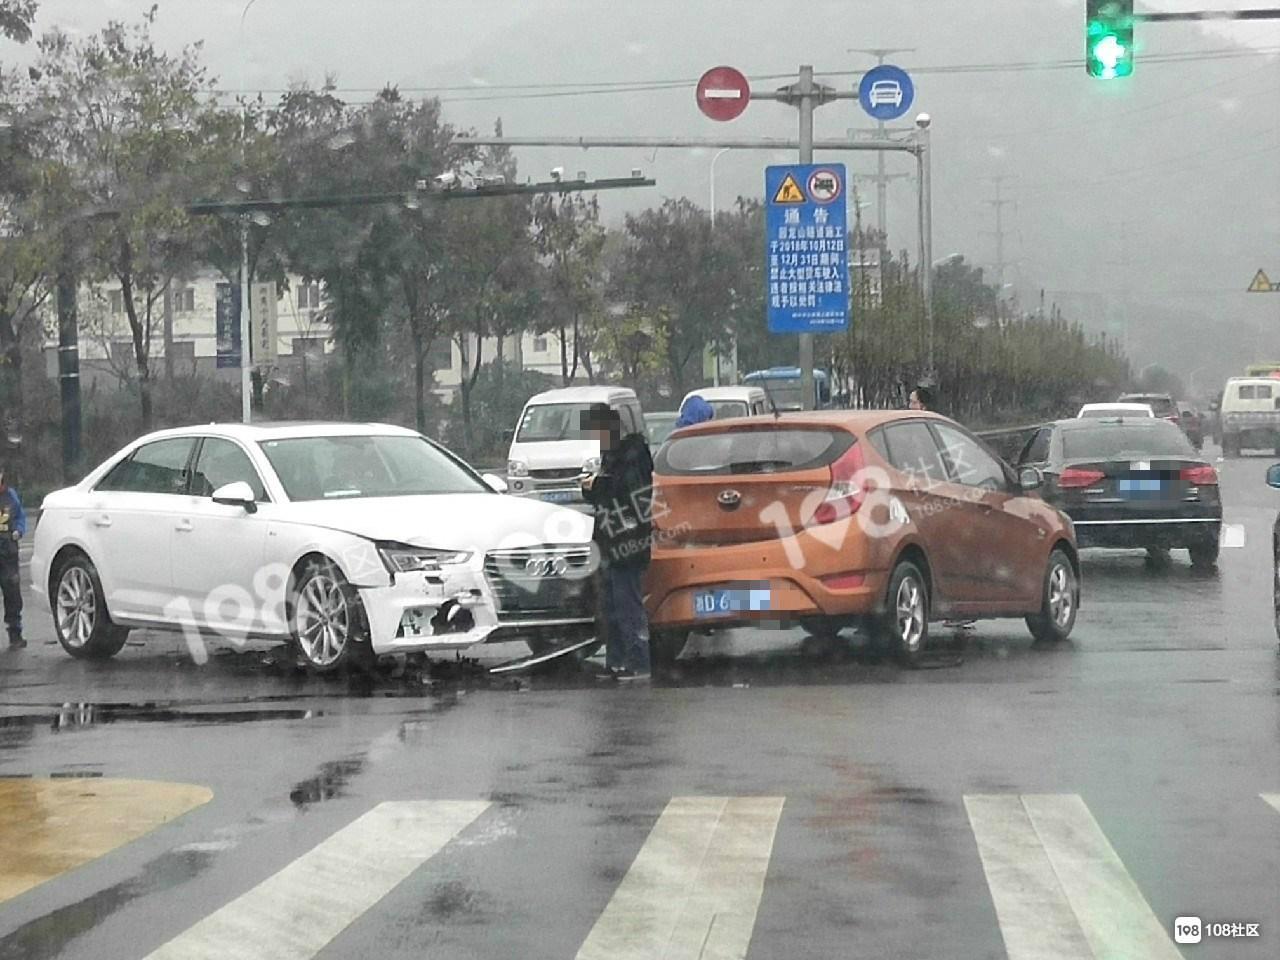 一大早看到奇葩车祸!怎么看都不可能撞一起,可偏偏就撞了